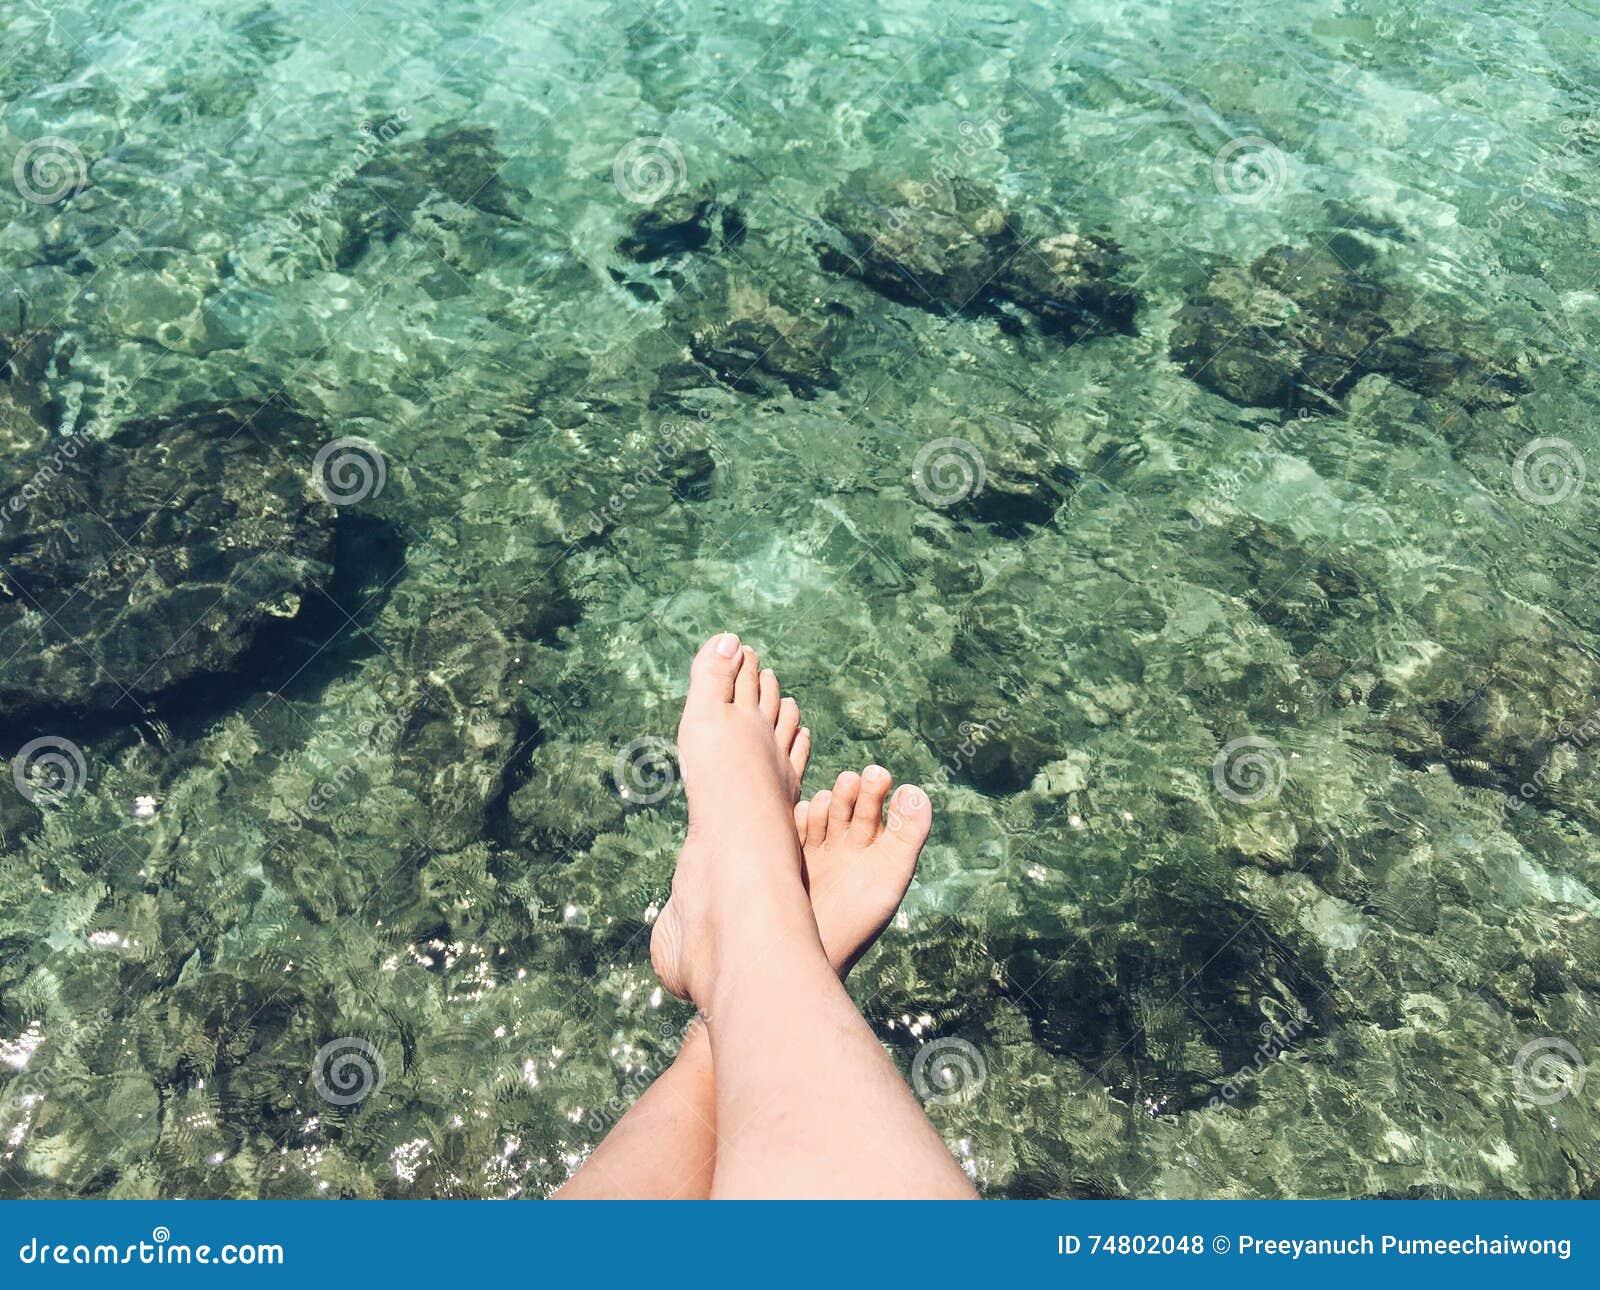 脚摇晃水面上